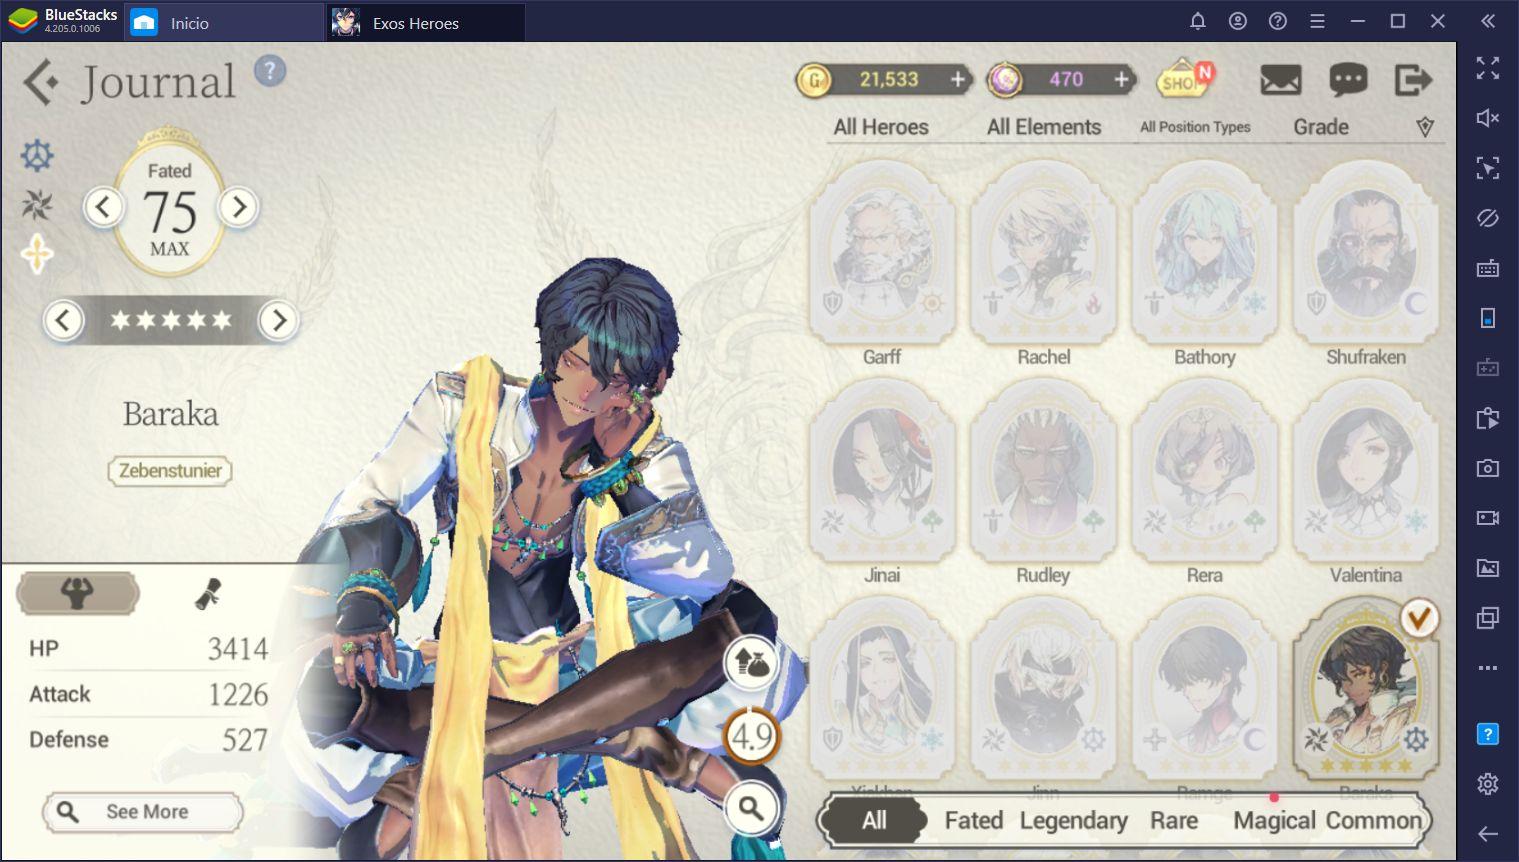 Rerolling en Exos Heroes - Cómo Invocar a los Mejores Personajes del Juego